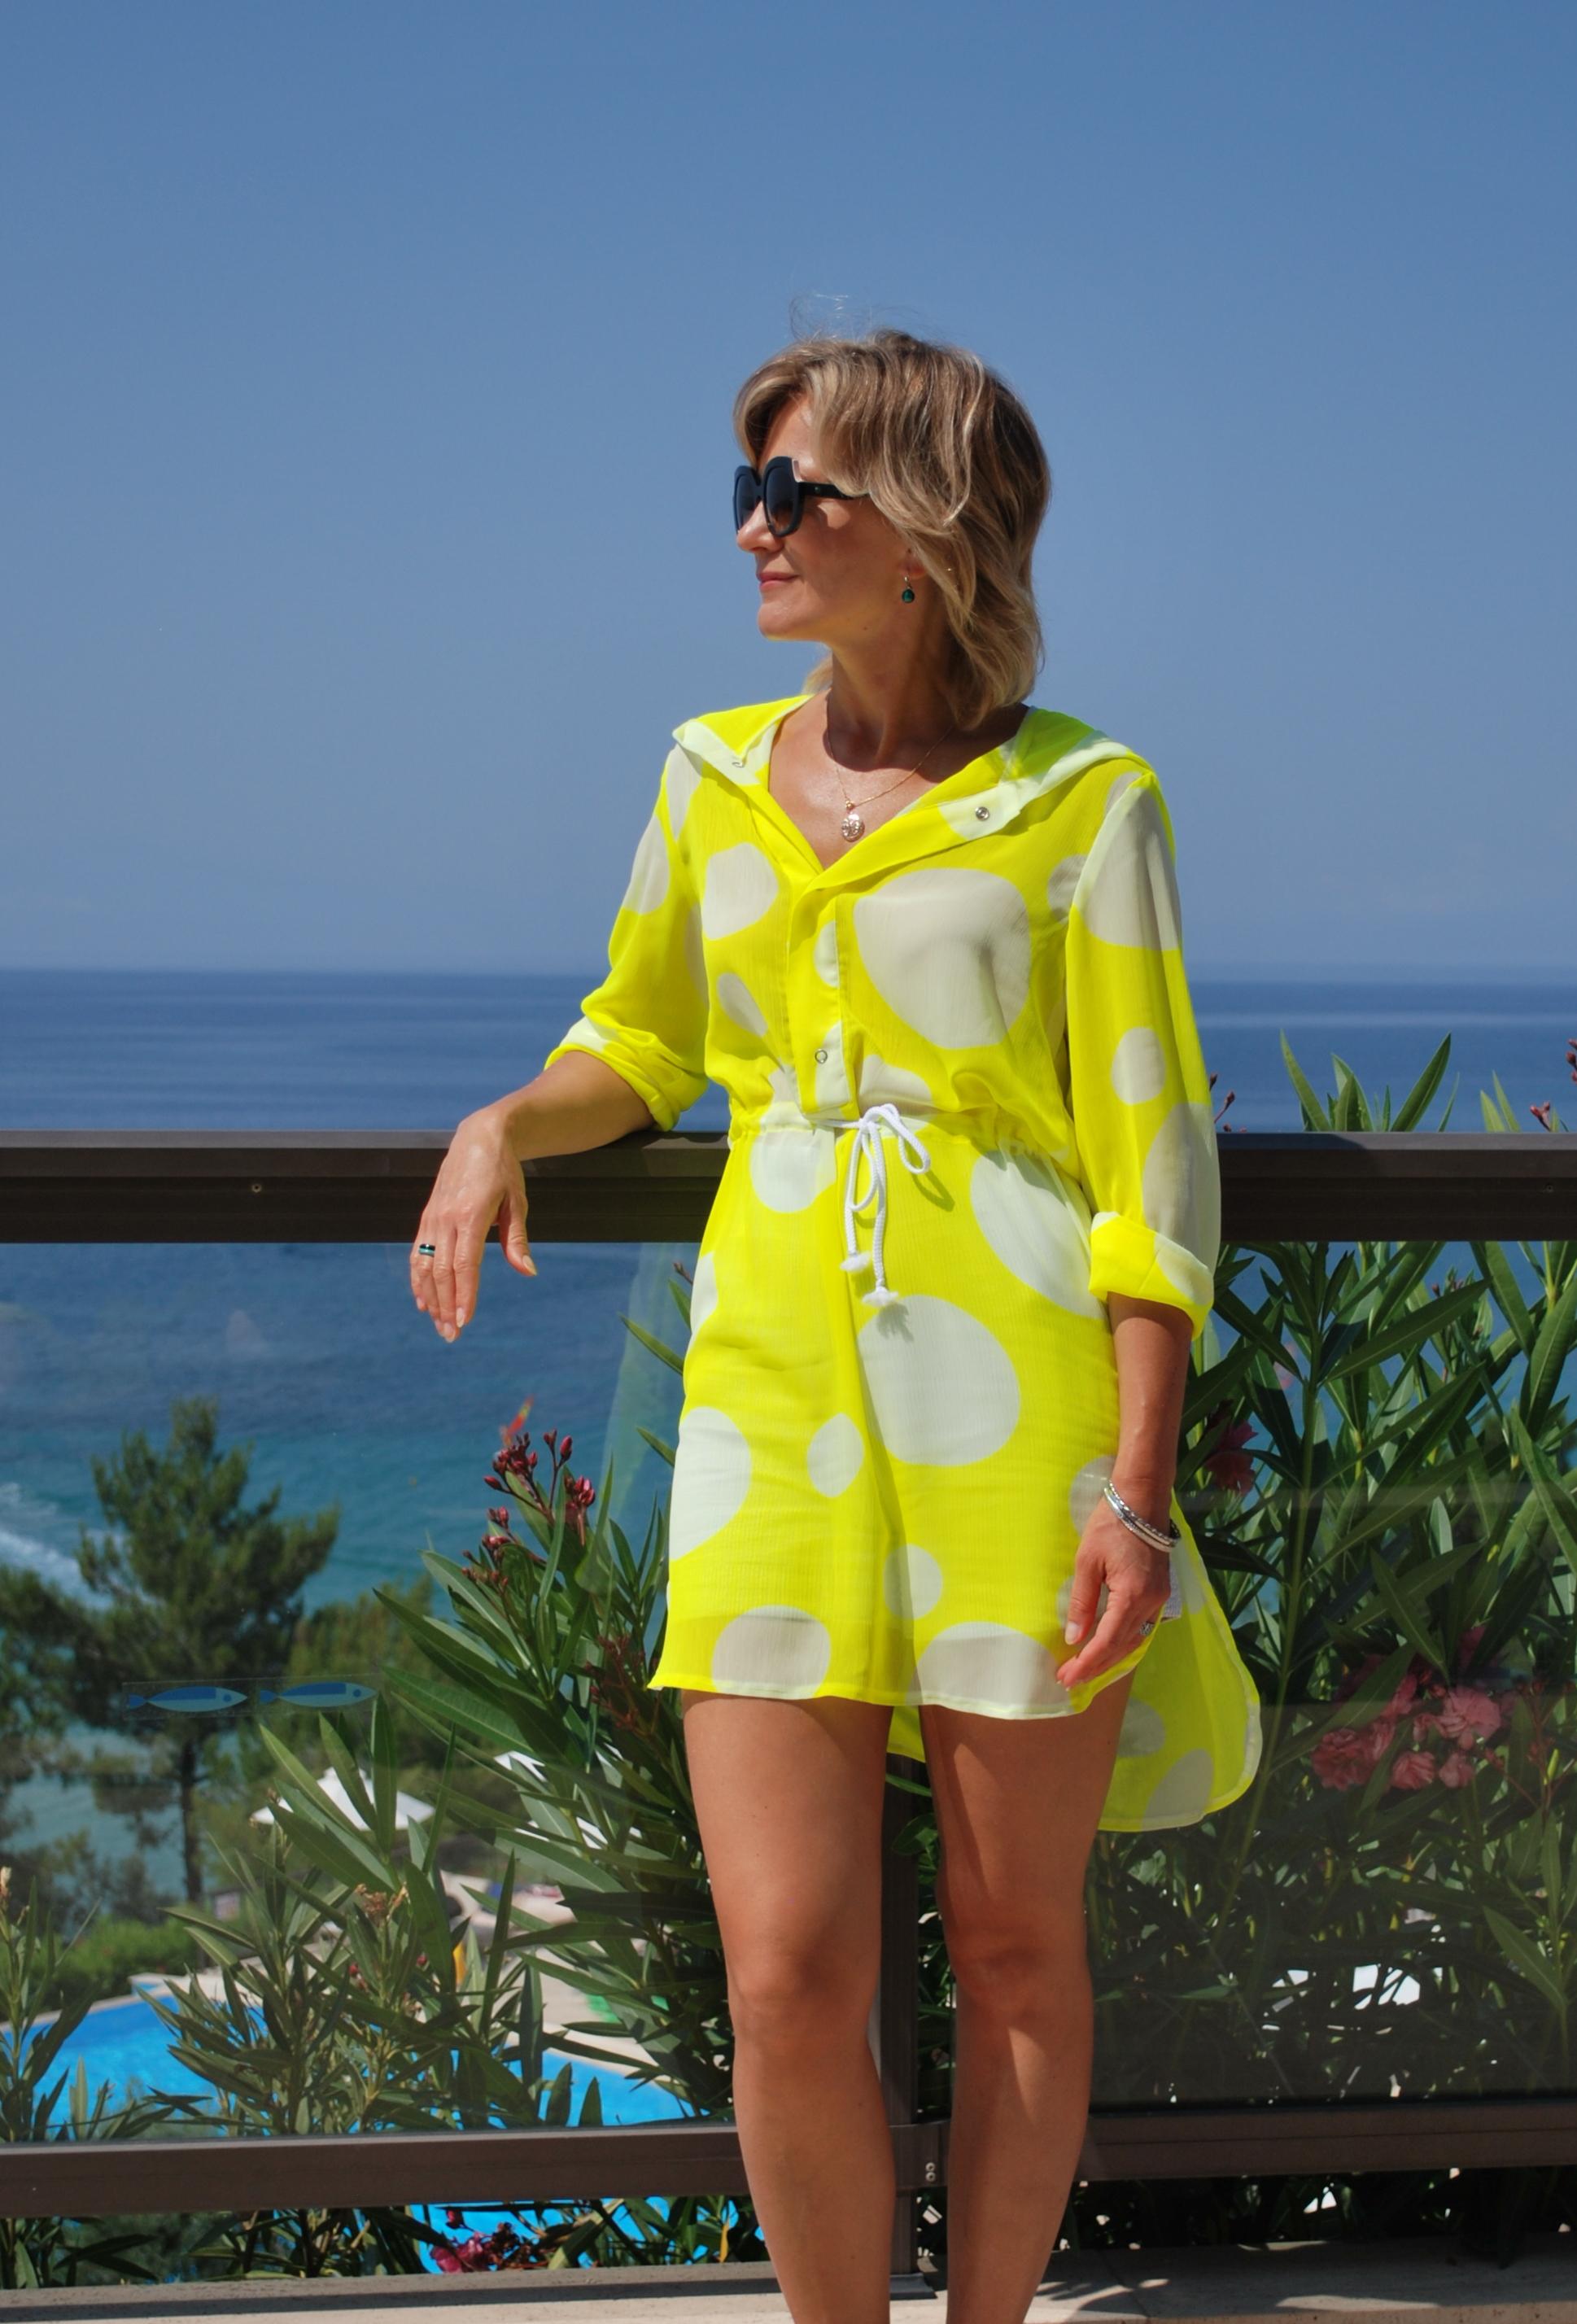 Coup de soleil sewing projects - Coup de soleil mobilier ...